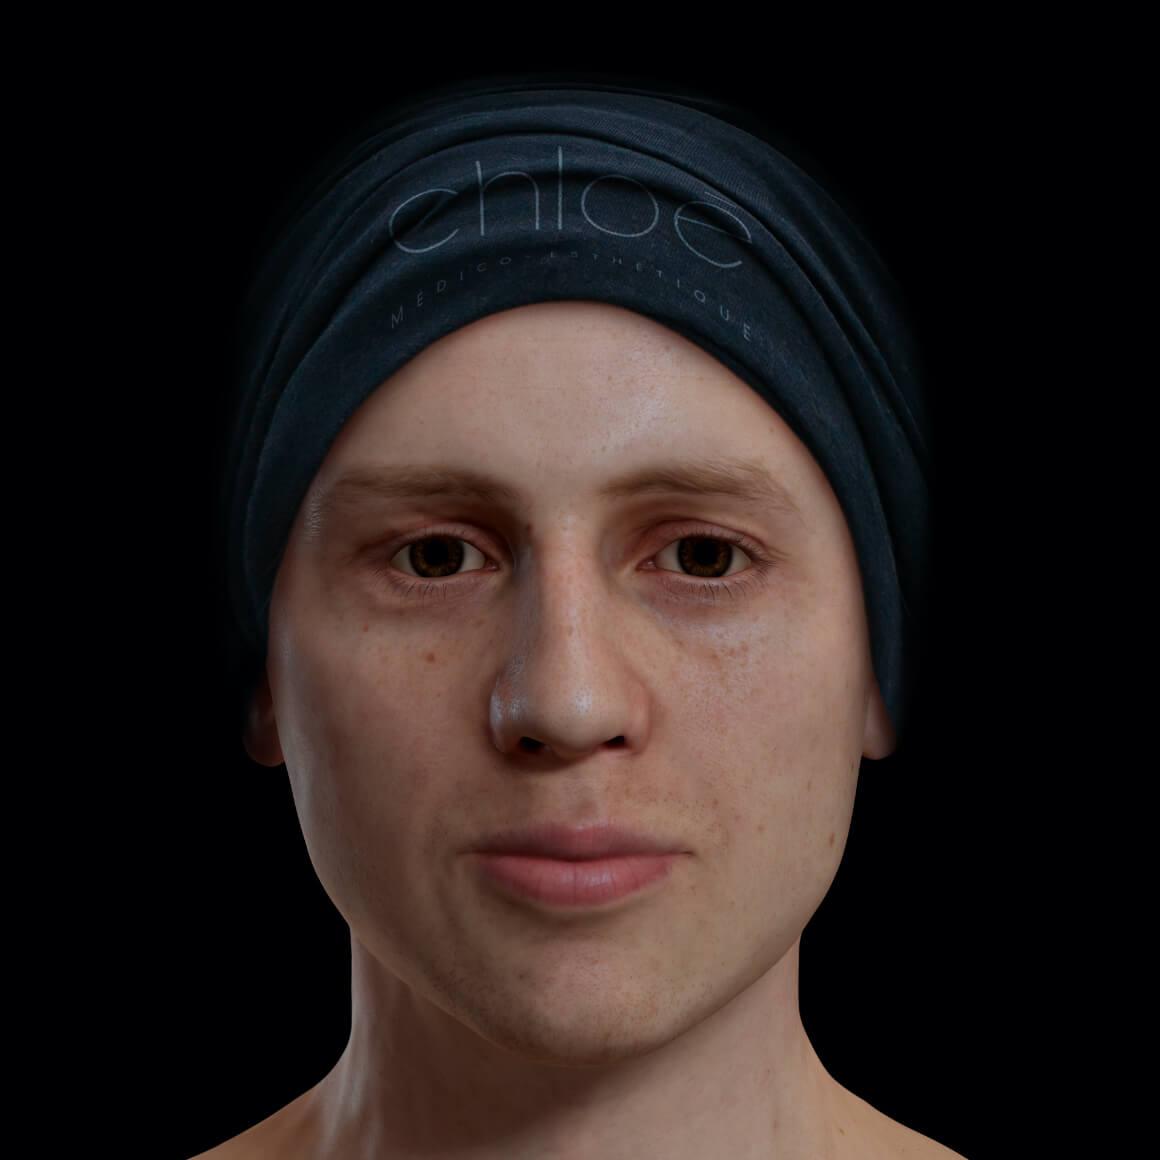 Patient de la Clinique Chloé de face après des traitements laser Fotona Acné pour traiter de l'acné active sur le visage